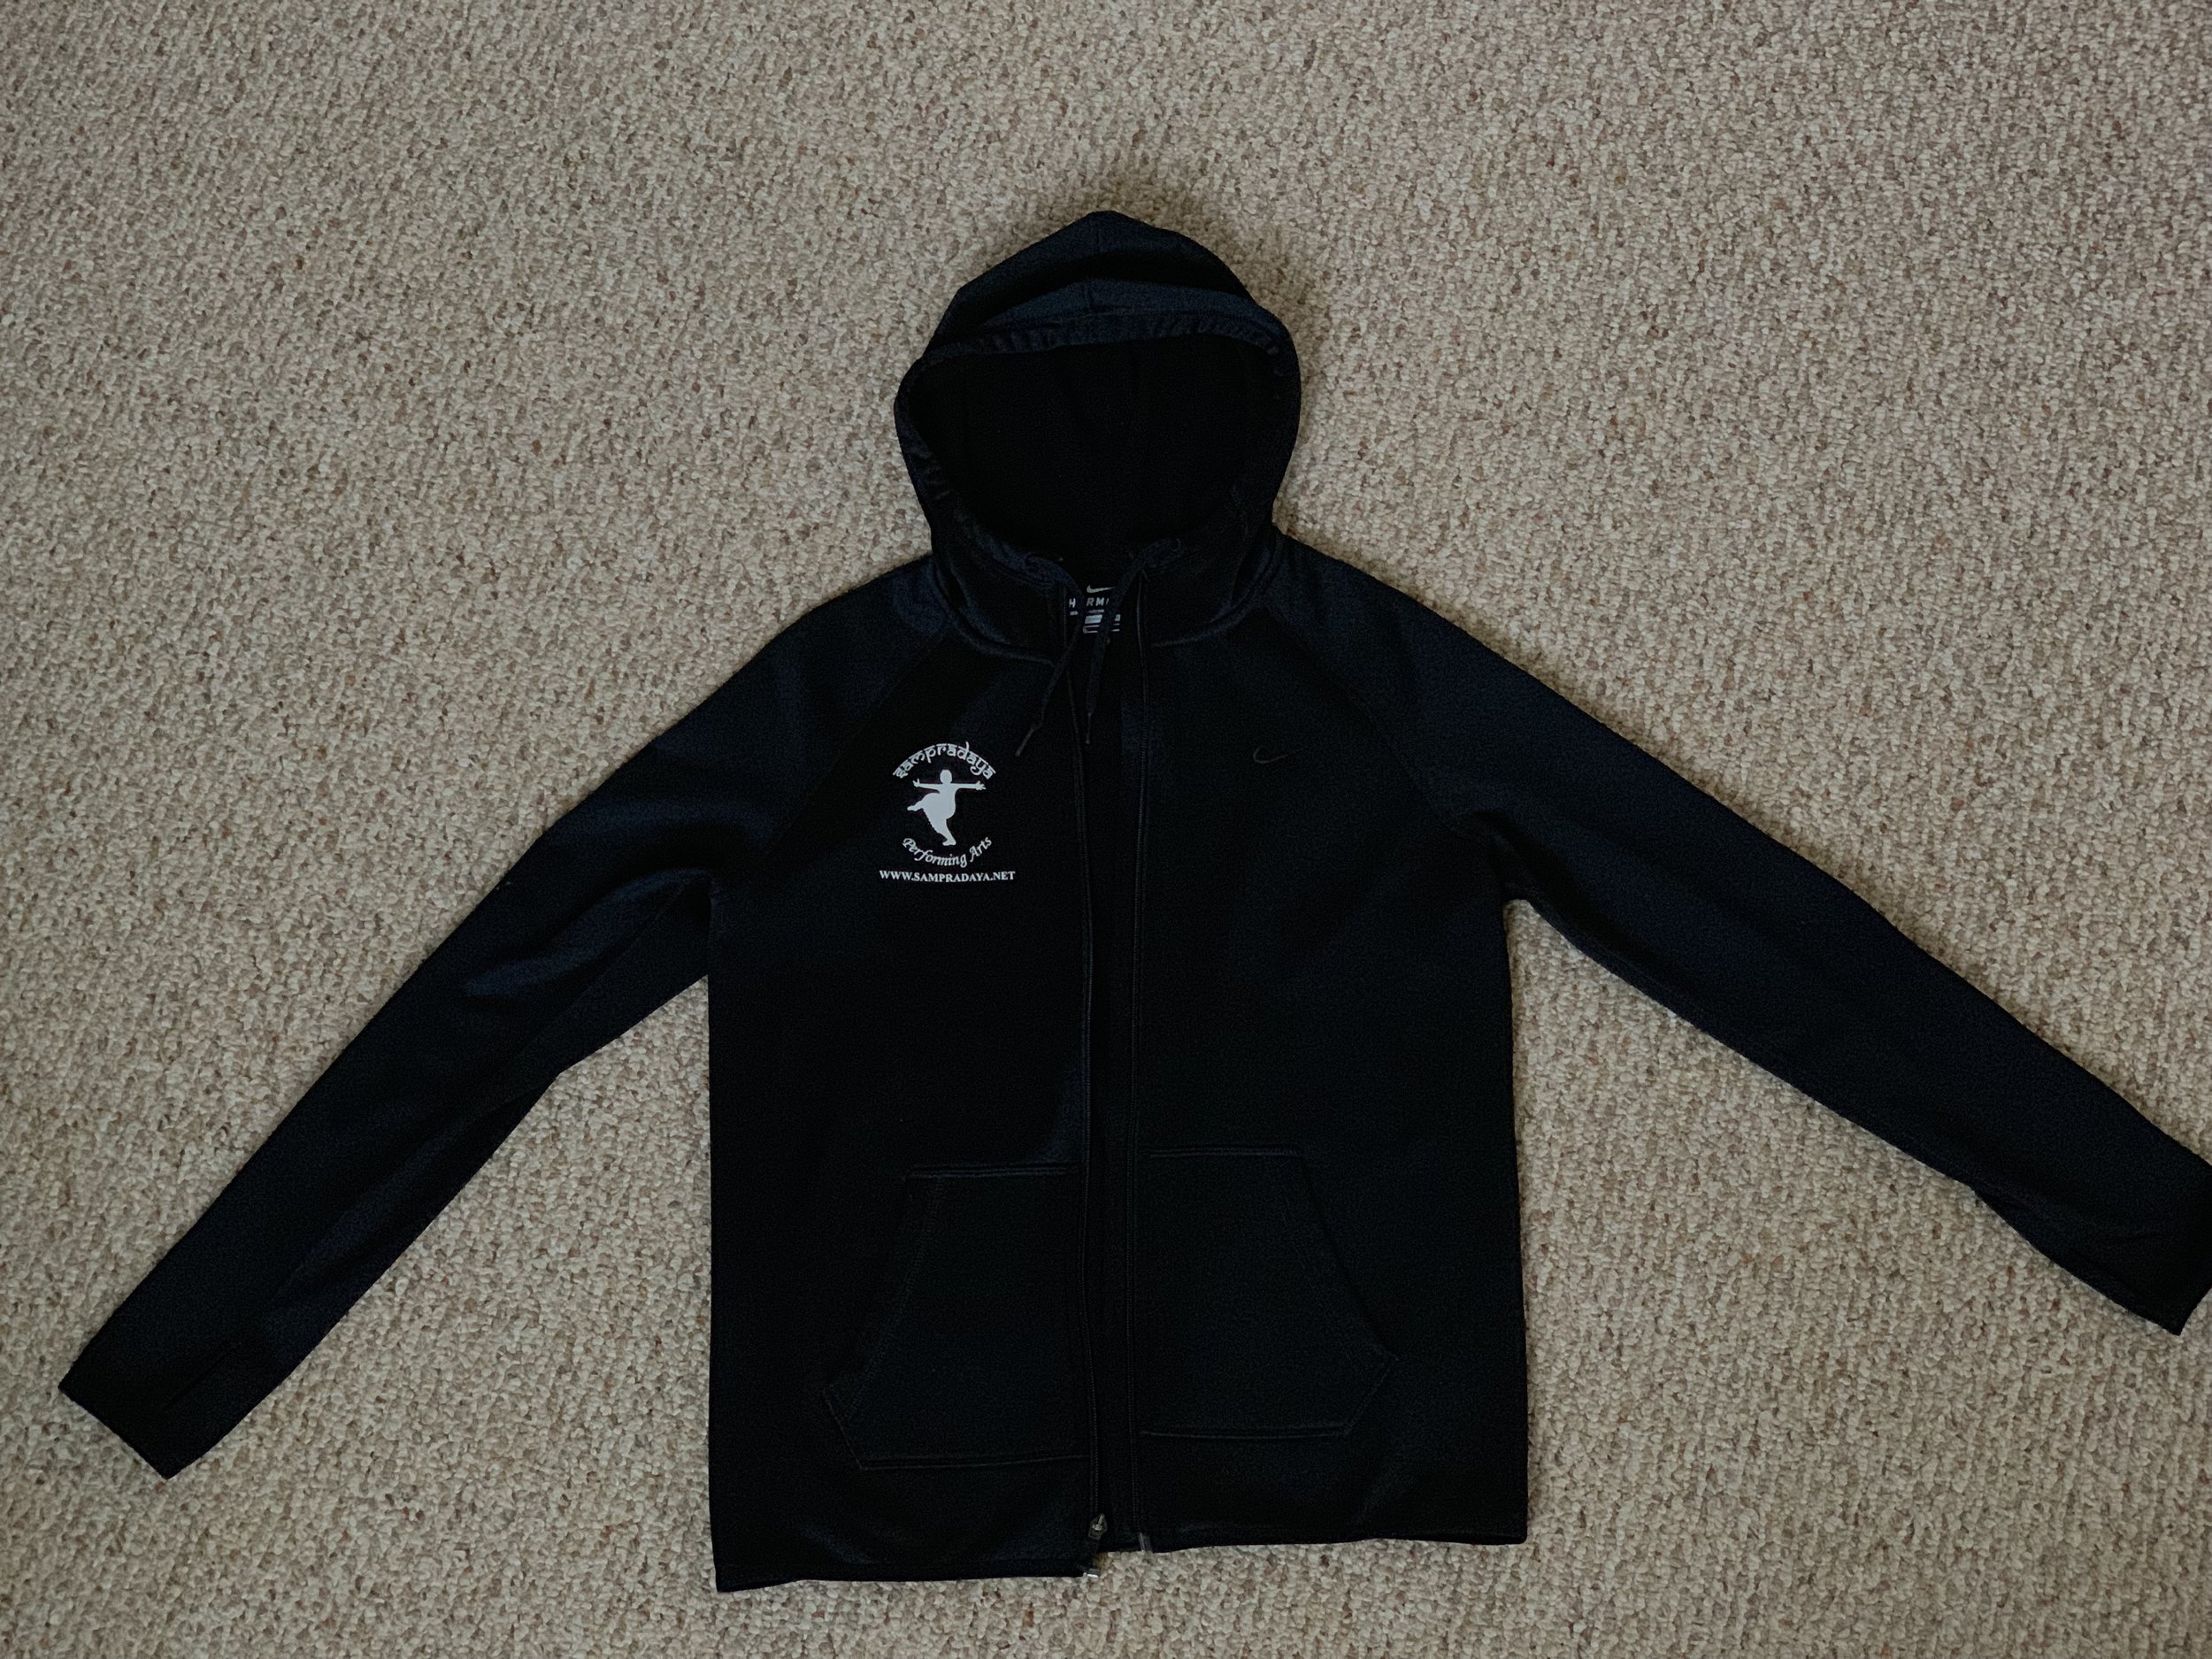 Black Nike Jacket with Sampradaya Logo